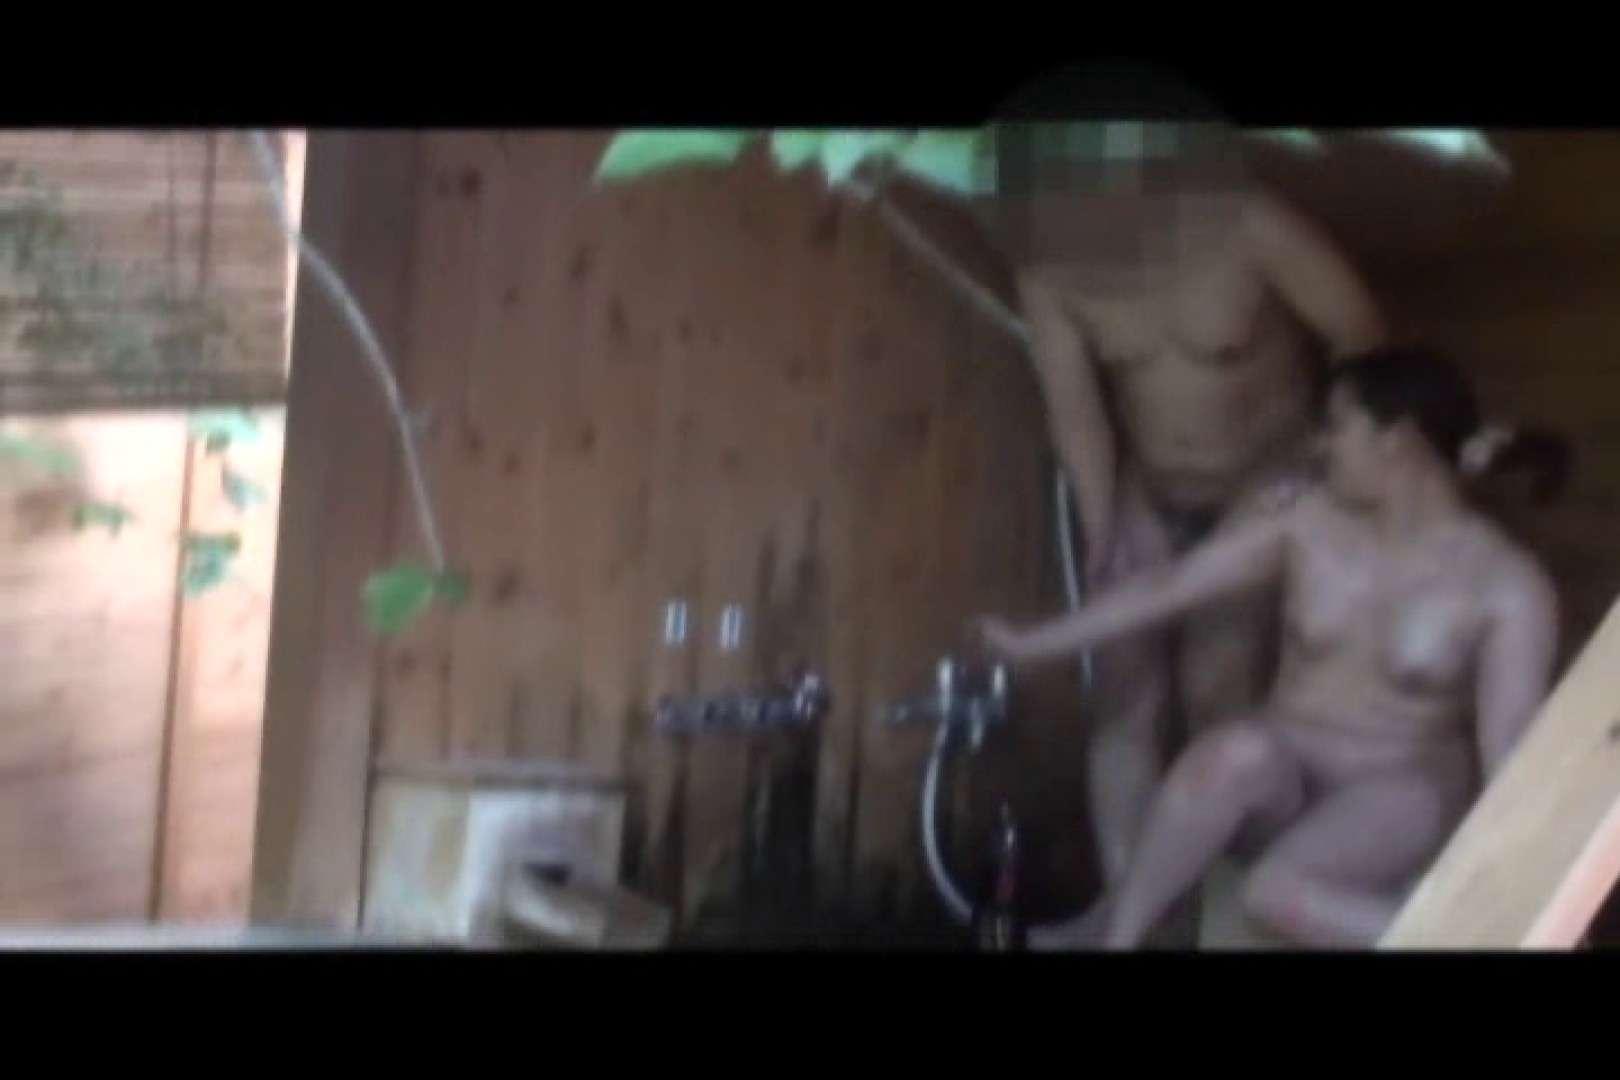 貸切露天 発情カップル! vol.03 カップルのセックス | 露天風呂の女達  24連発 14